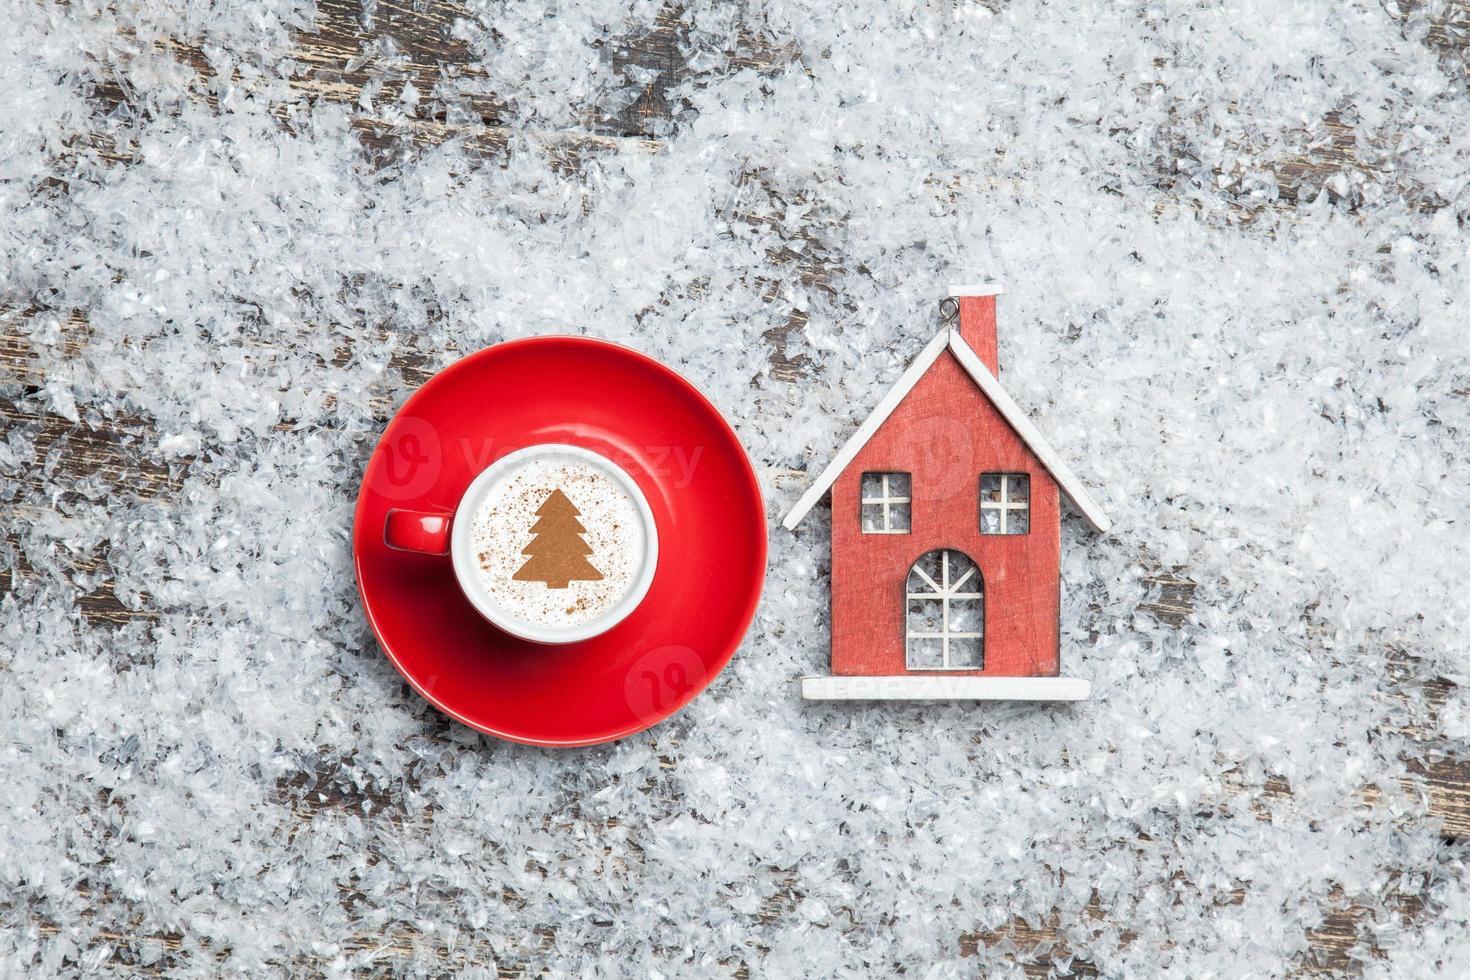 Cappuccino mit Weihnachtsbaumform und Spielzeughaus auf künstlichem foto